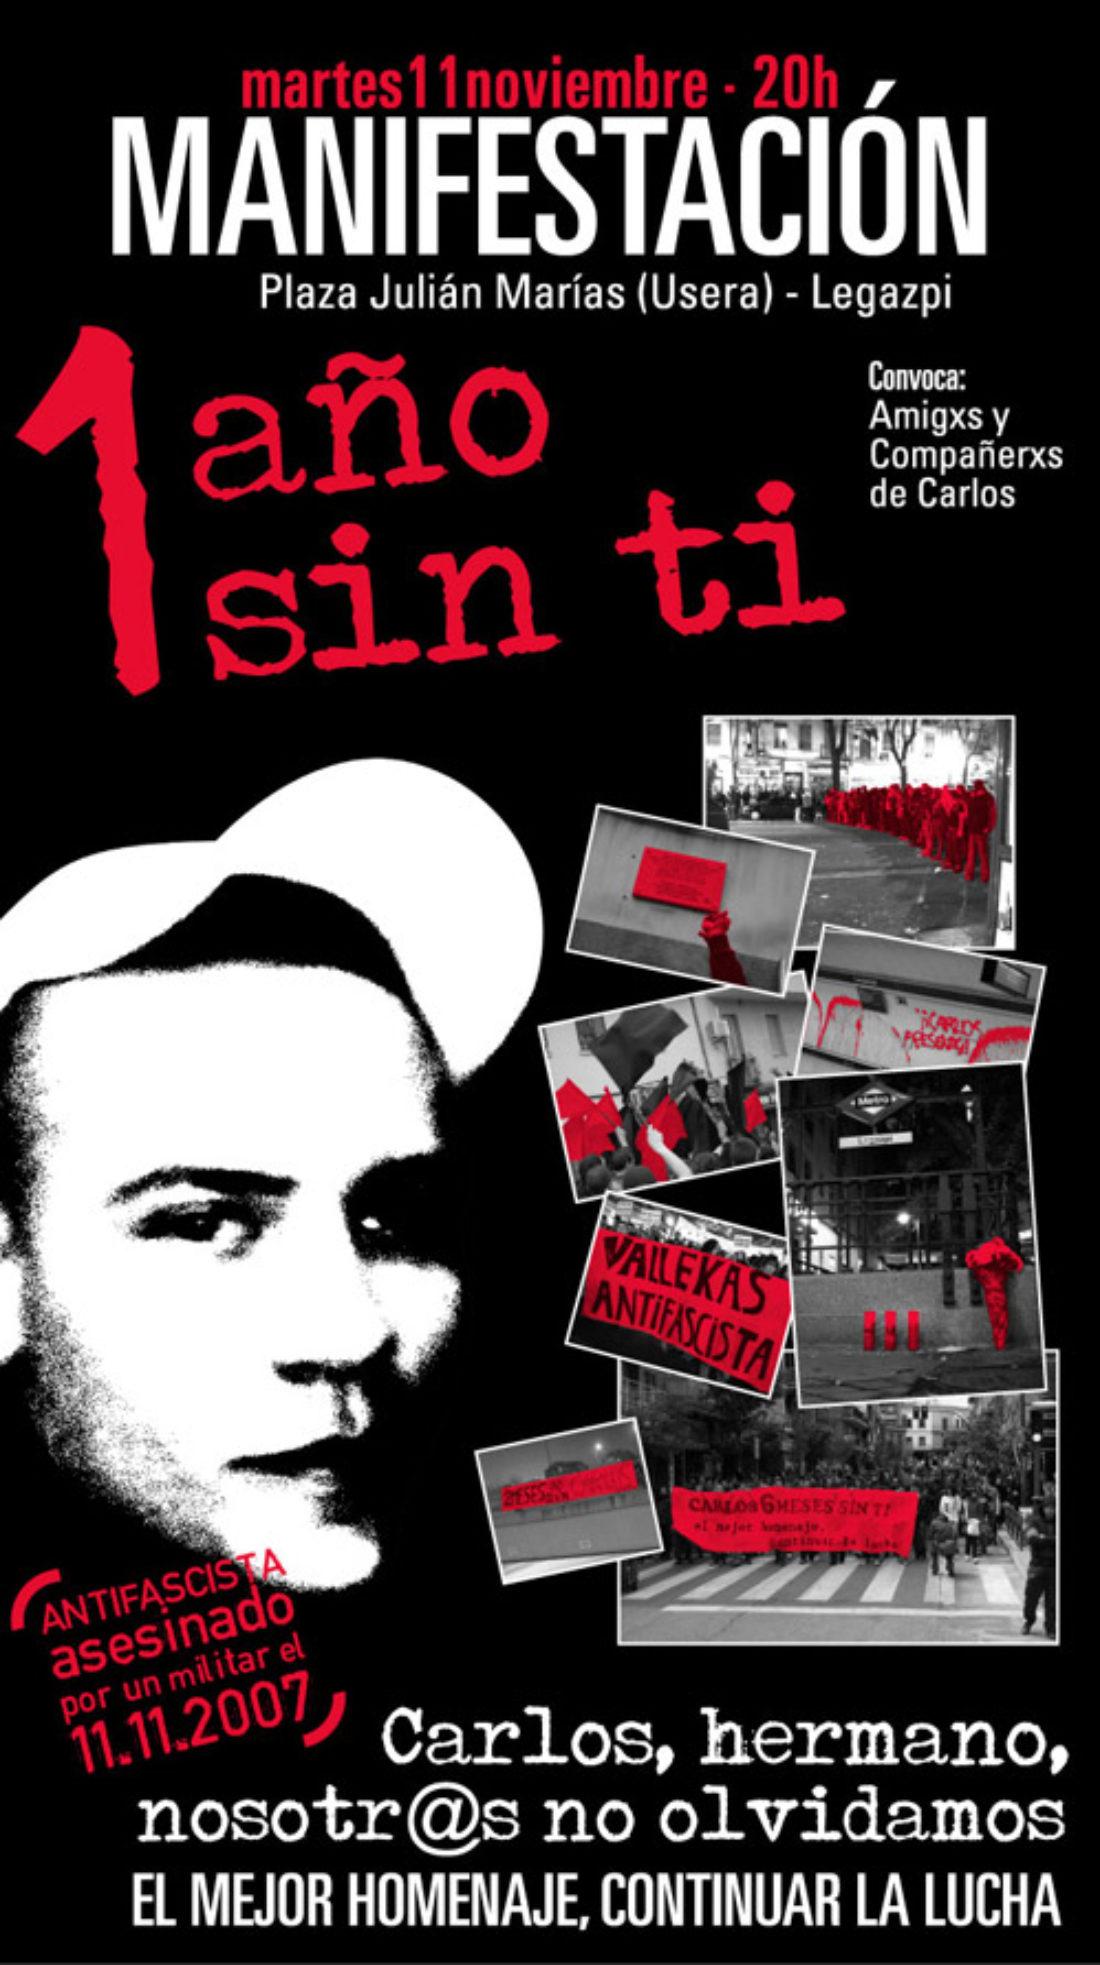 Manifestación Antifascista: Carlos, hermano, nosotr@s no olvidamos. 1 año sin ti